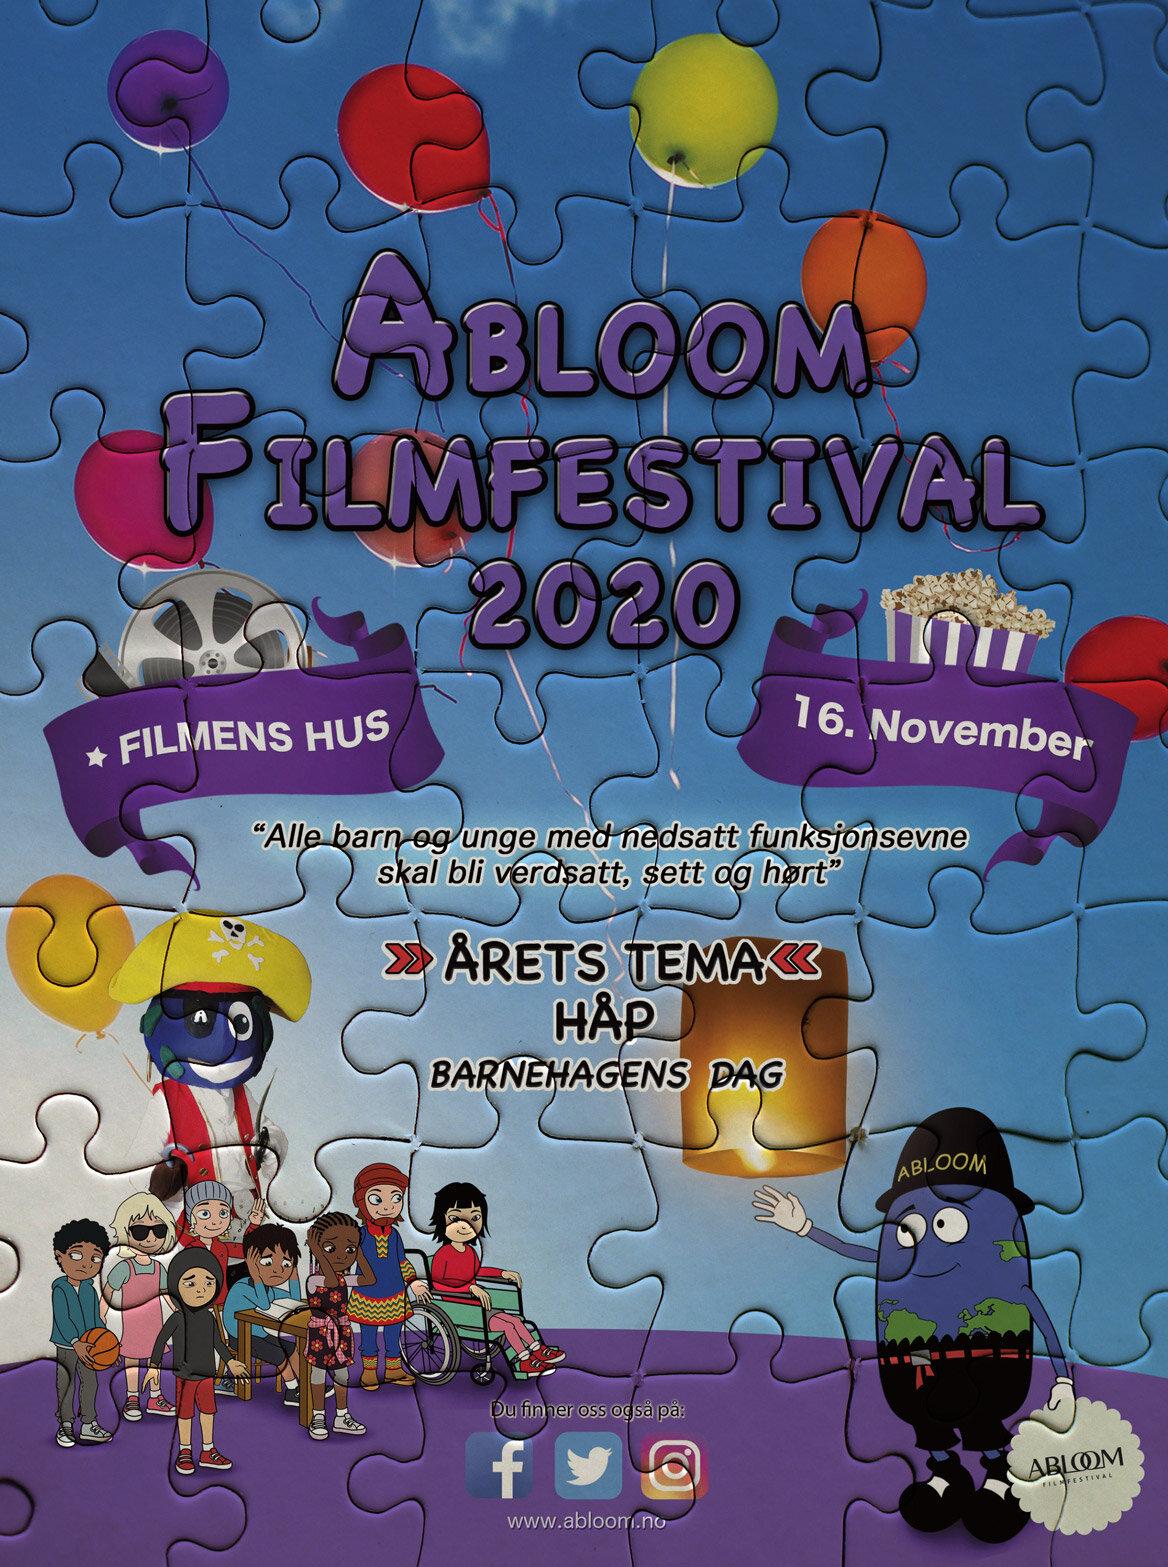 Abloom-filmfestival-2020-Barnehagens-Dag-puzzle.jpg